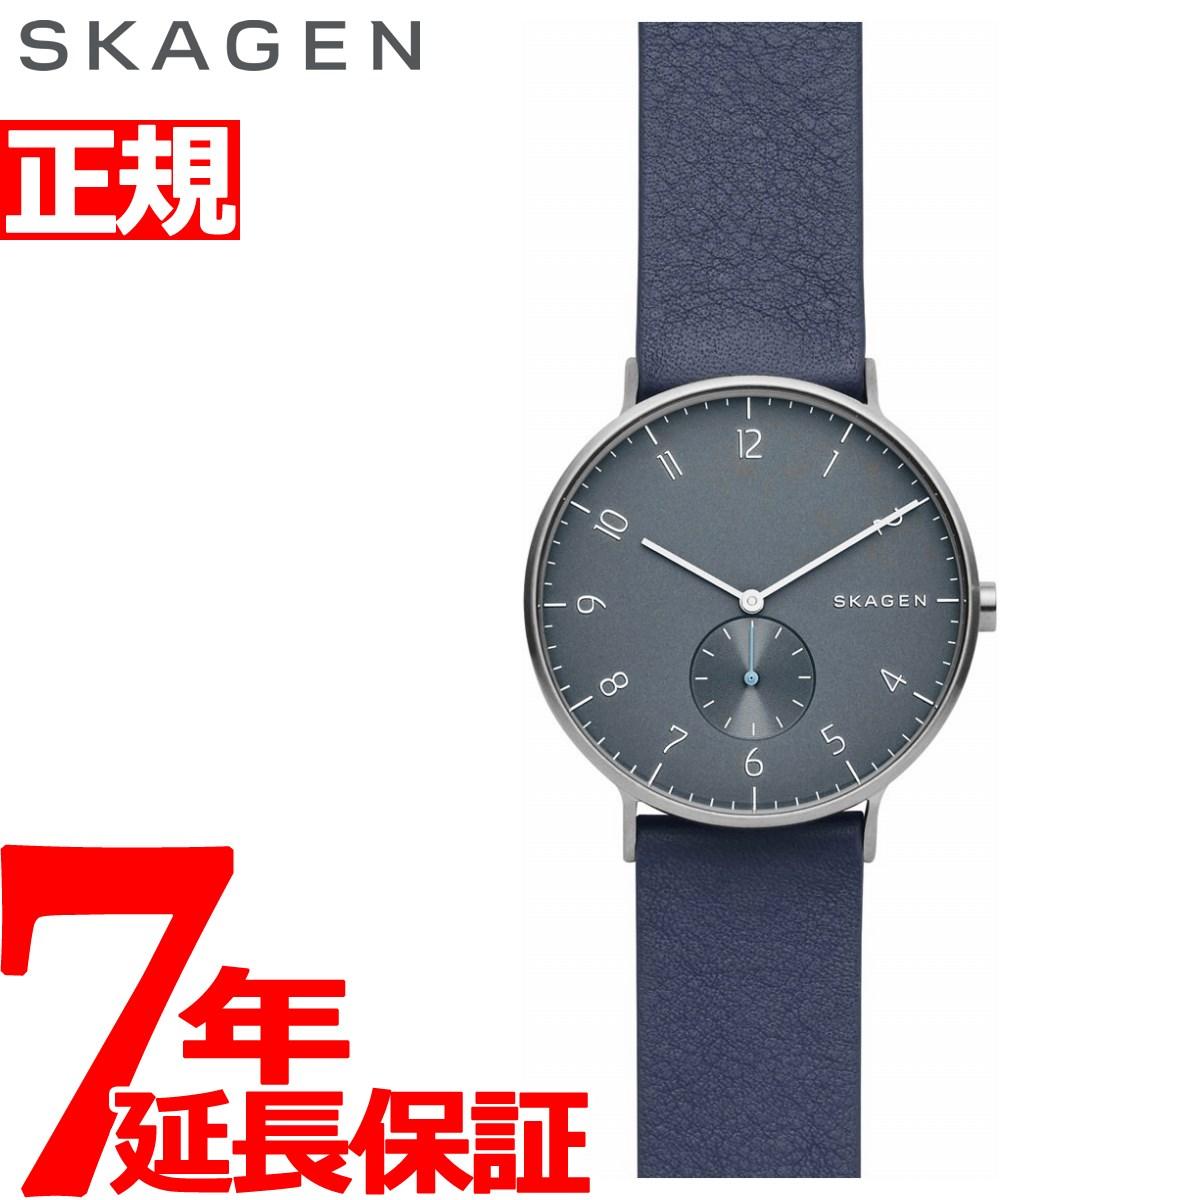 スカーゲン SKAGEN 腕時計 メンズ アーレン AAREN SKW6469【2018 新作】